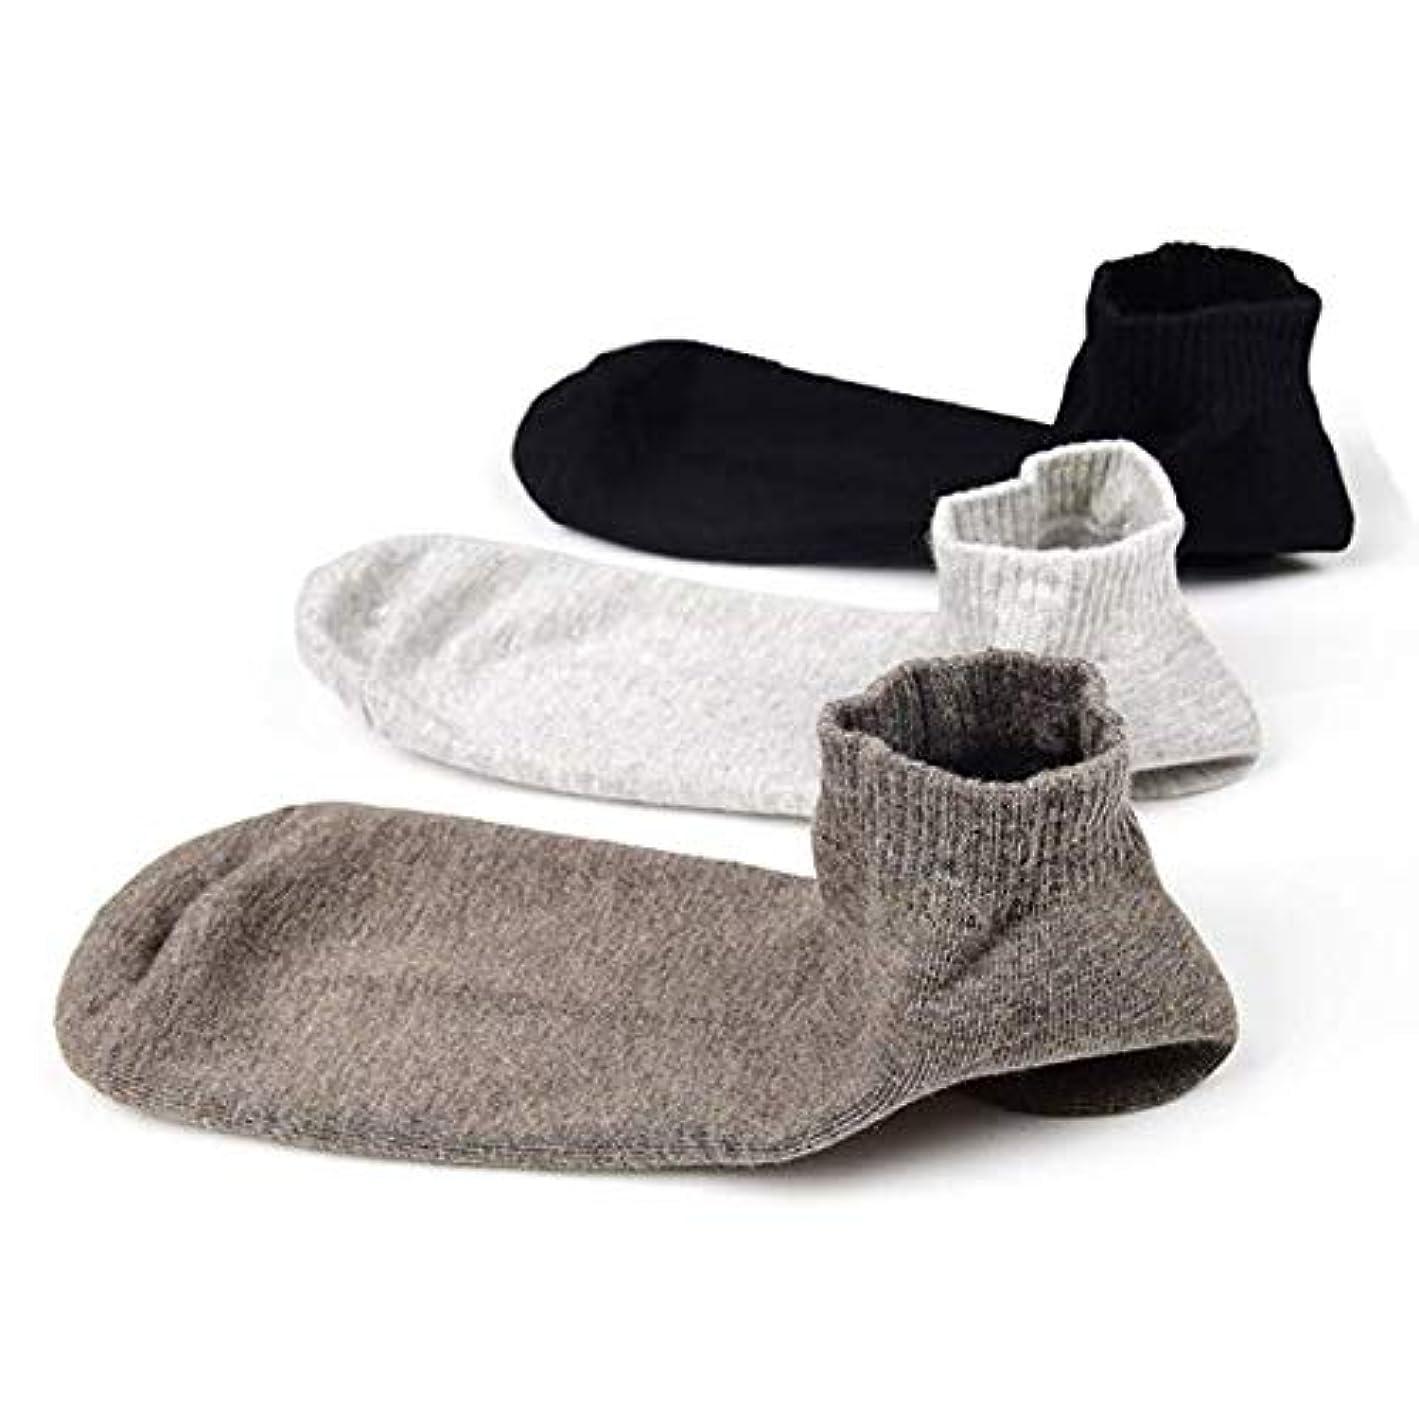 お金留まるタイトルSweetimes かかとケアソックス 保湿効果 靴下 がさがさ つるつる ひび割れ うるおい 3色セット No.149 (男性)